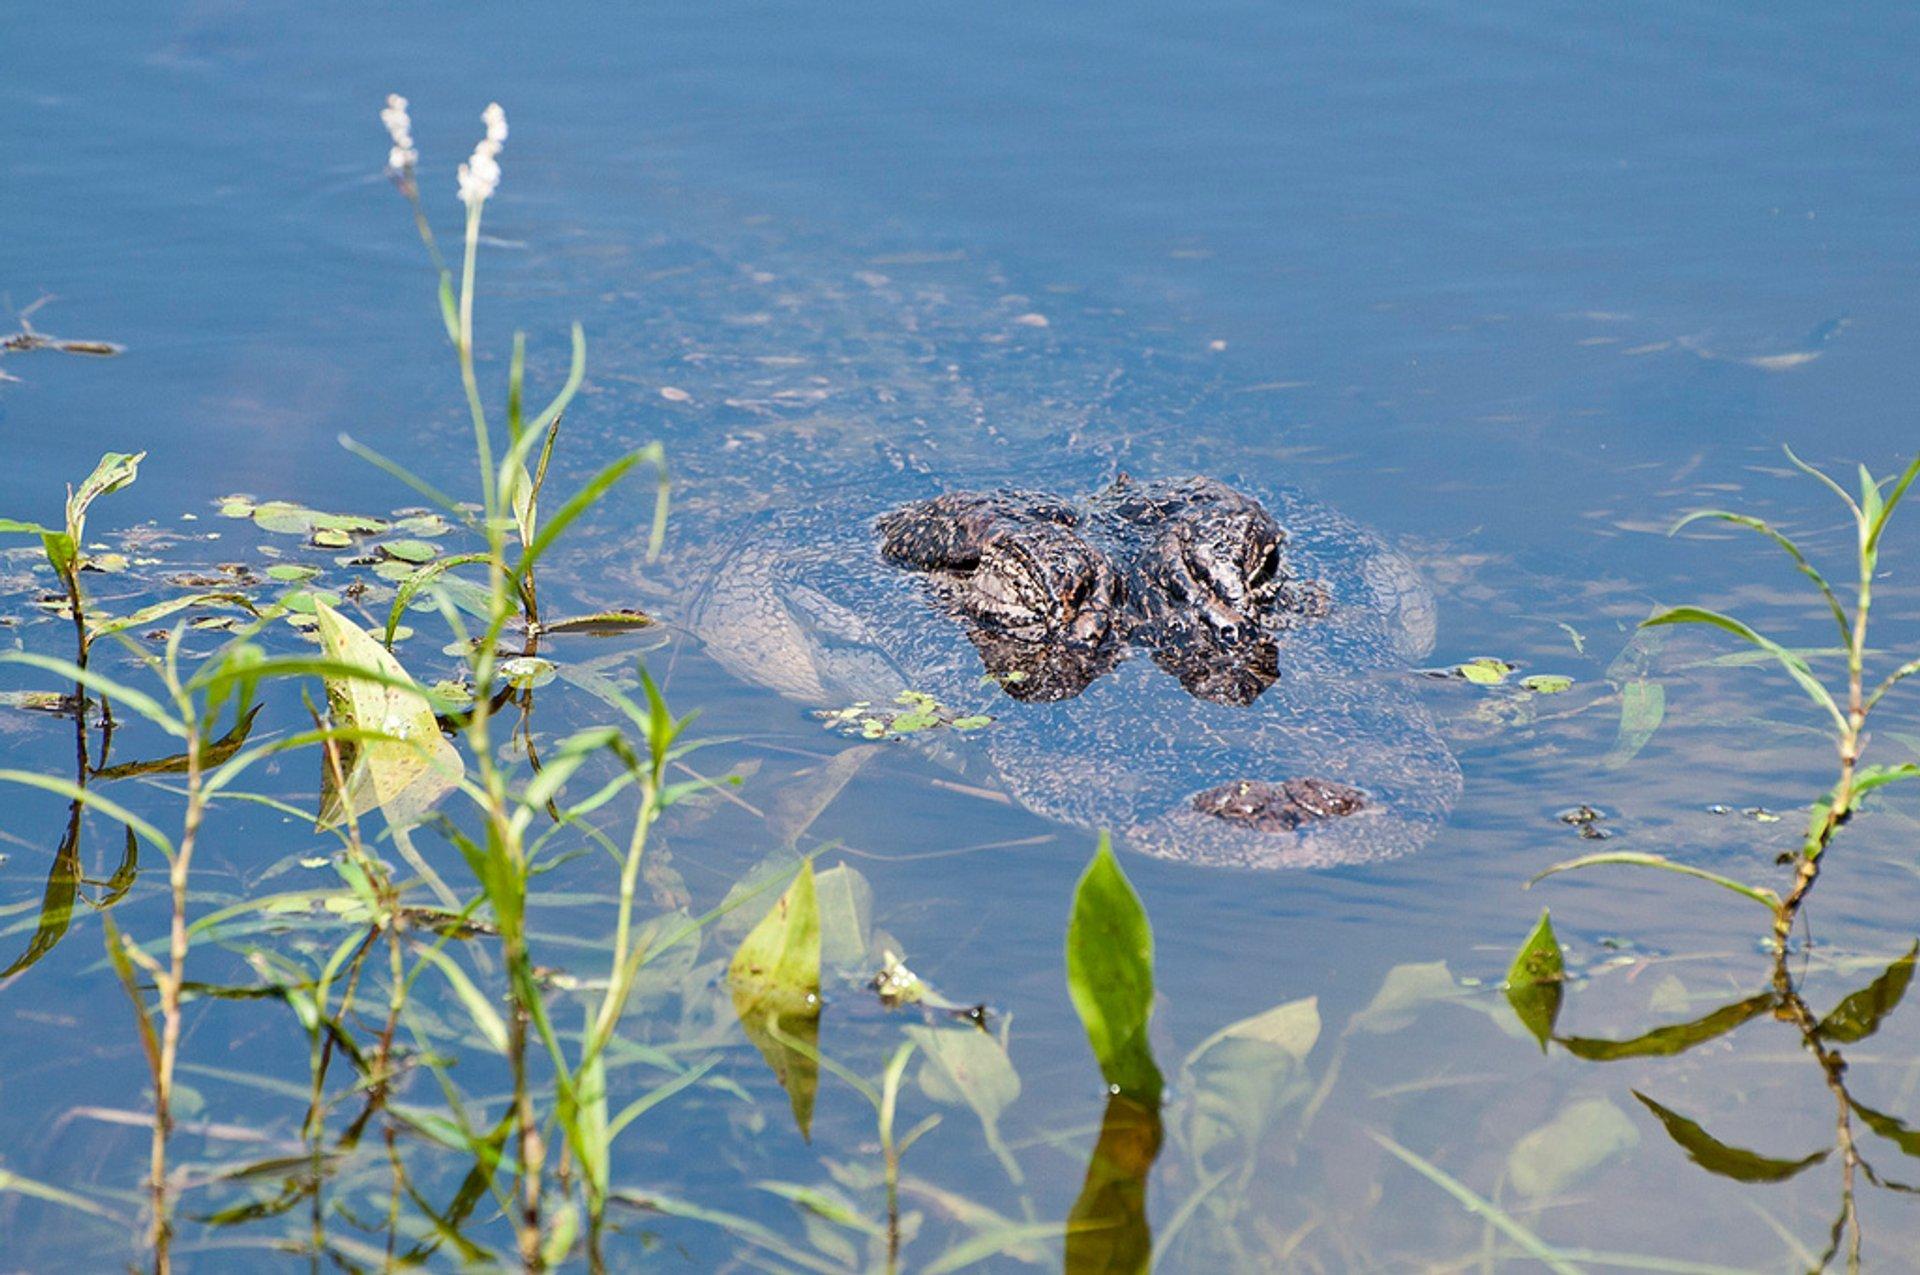 Alligator at Elm Lake 2020